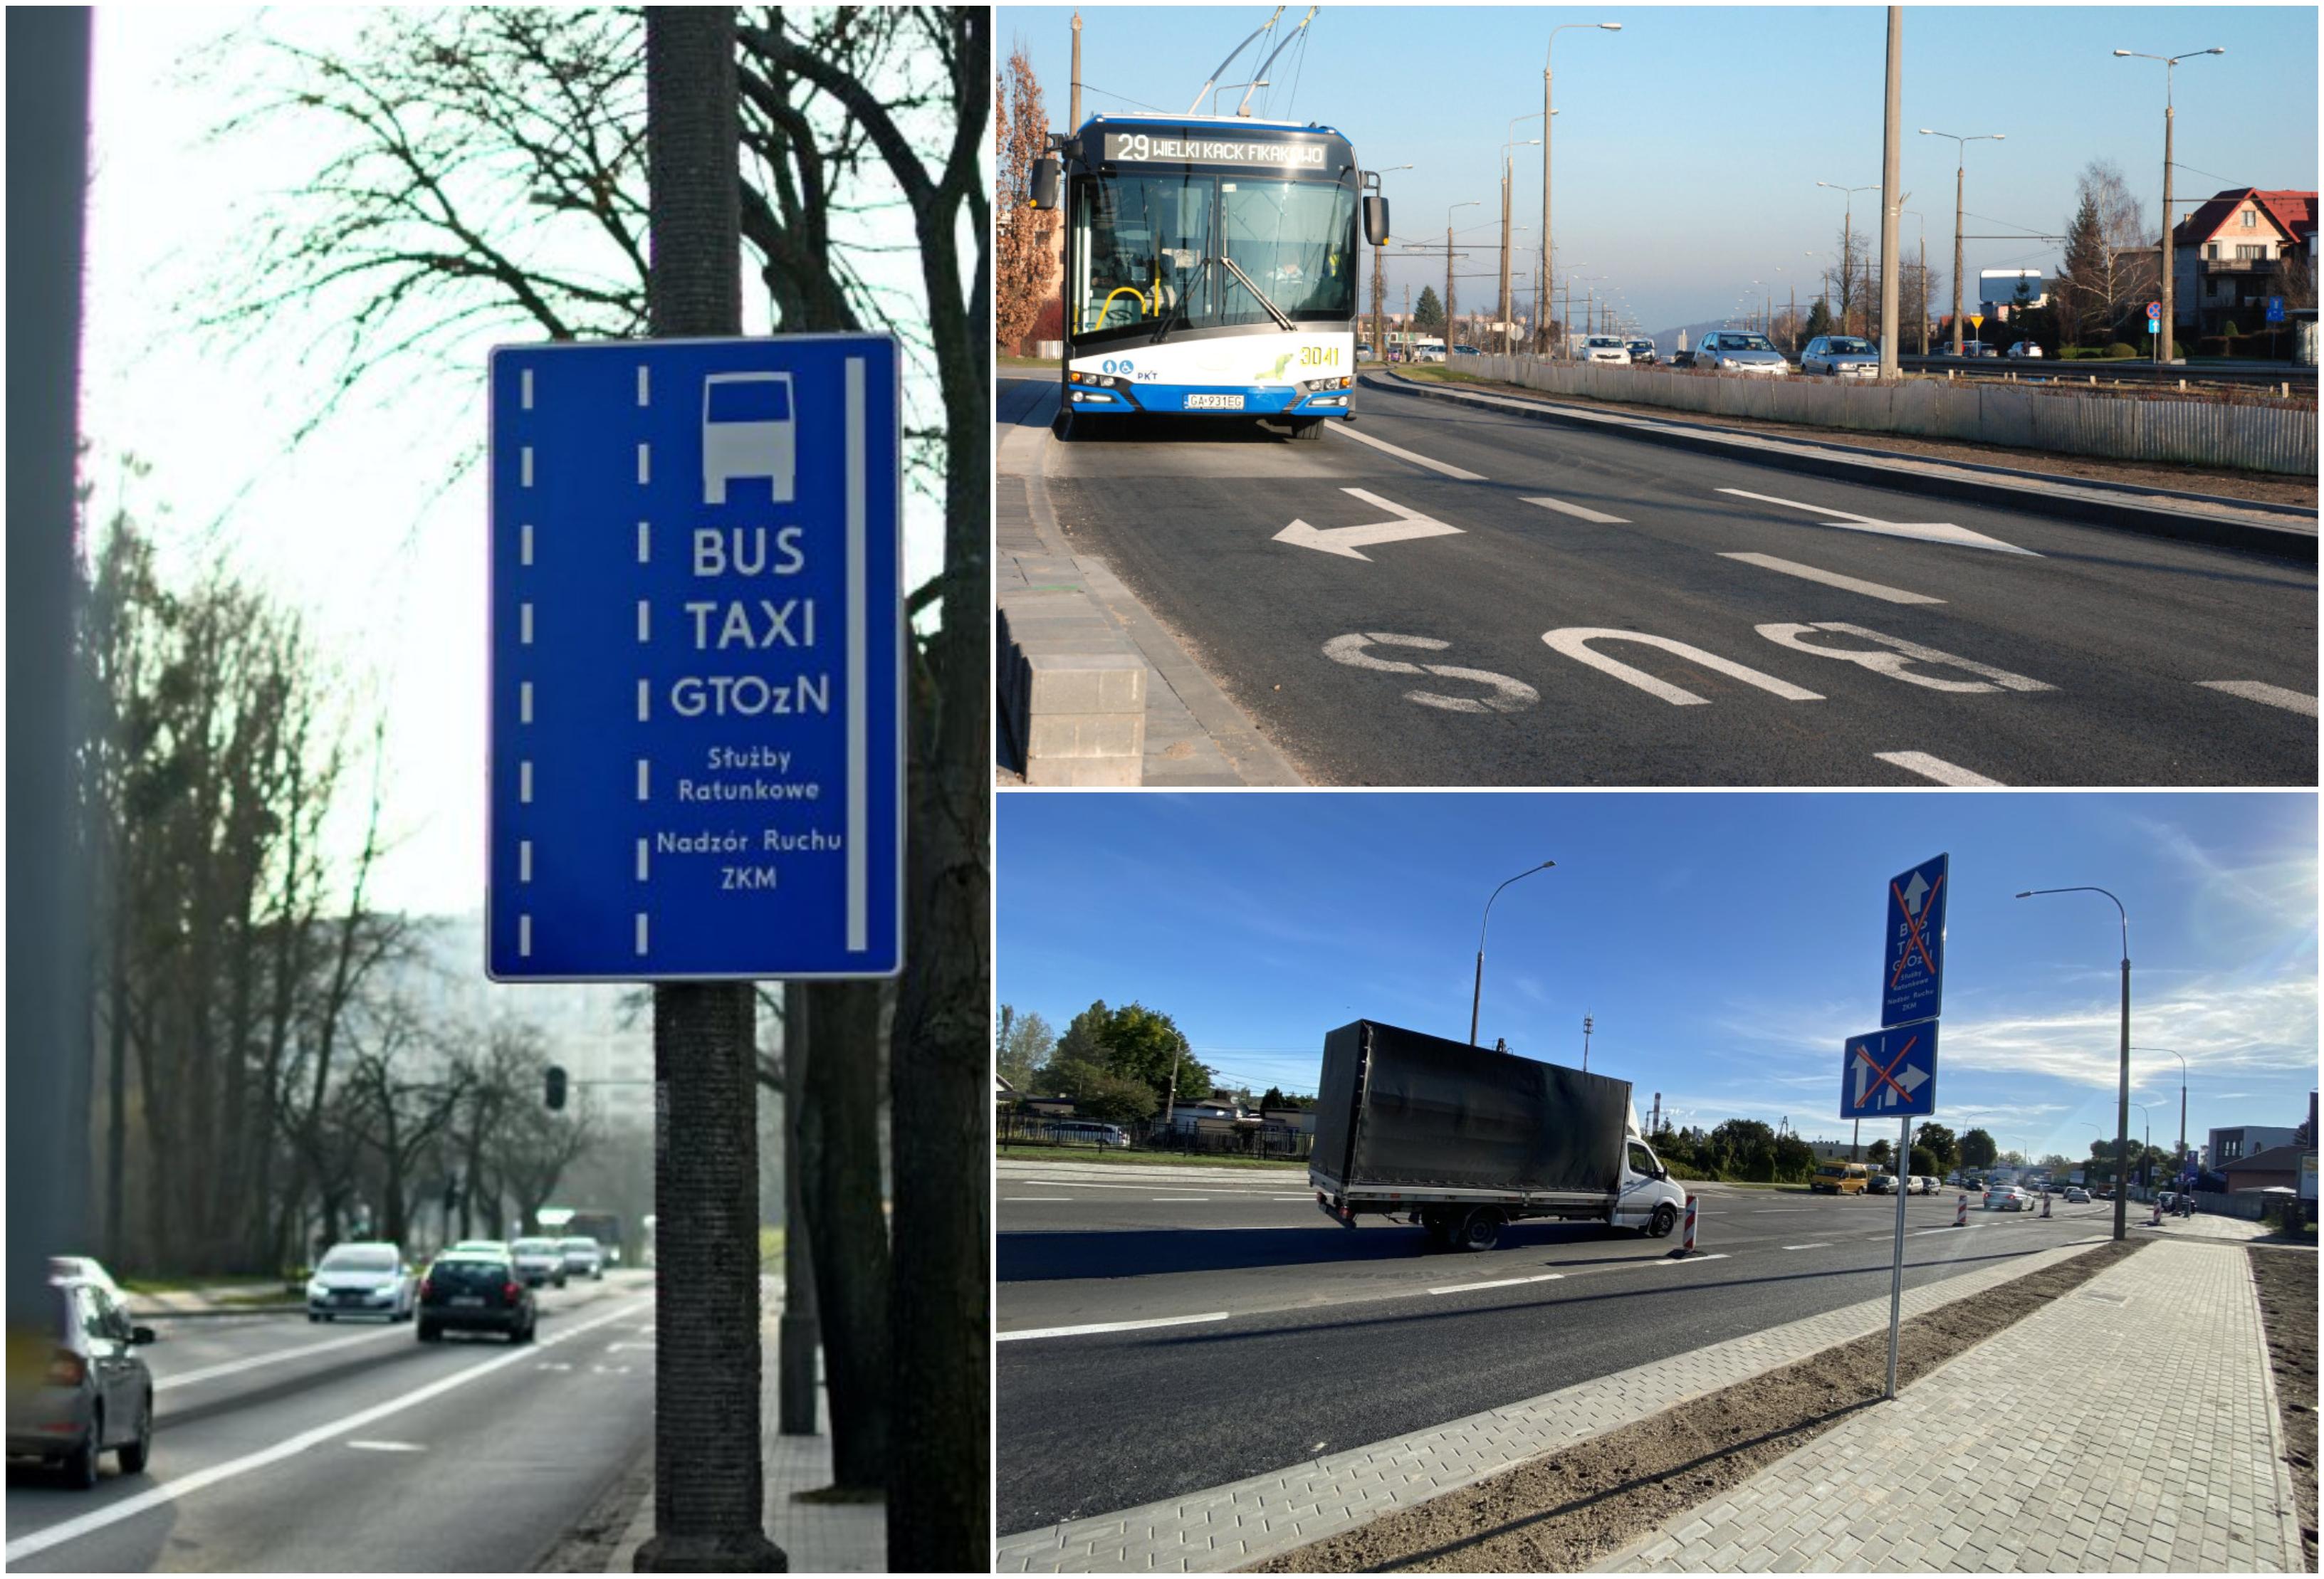 W 2020 roku w Gdyni pojawiło się kilka nowych buspasów, m.in. w ulicy Rolniczej, Wielkopolskiej i Hutniczej